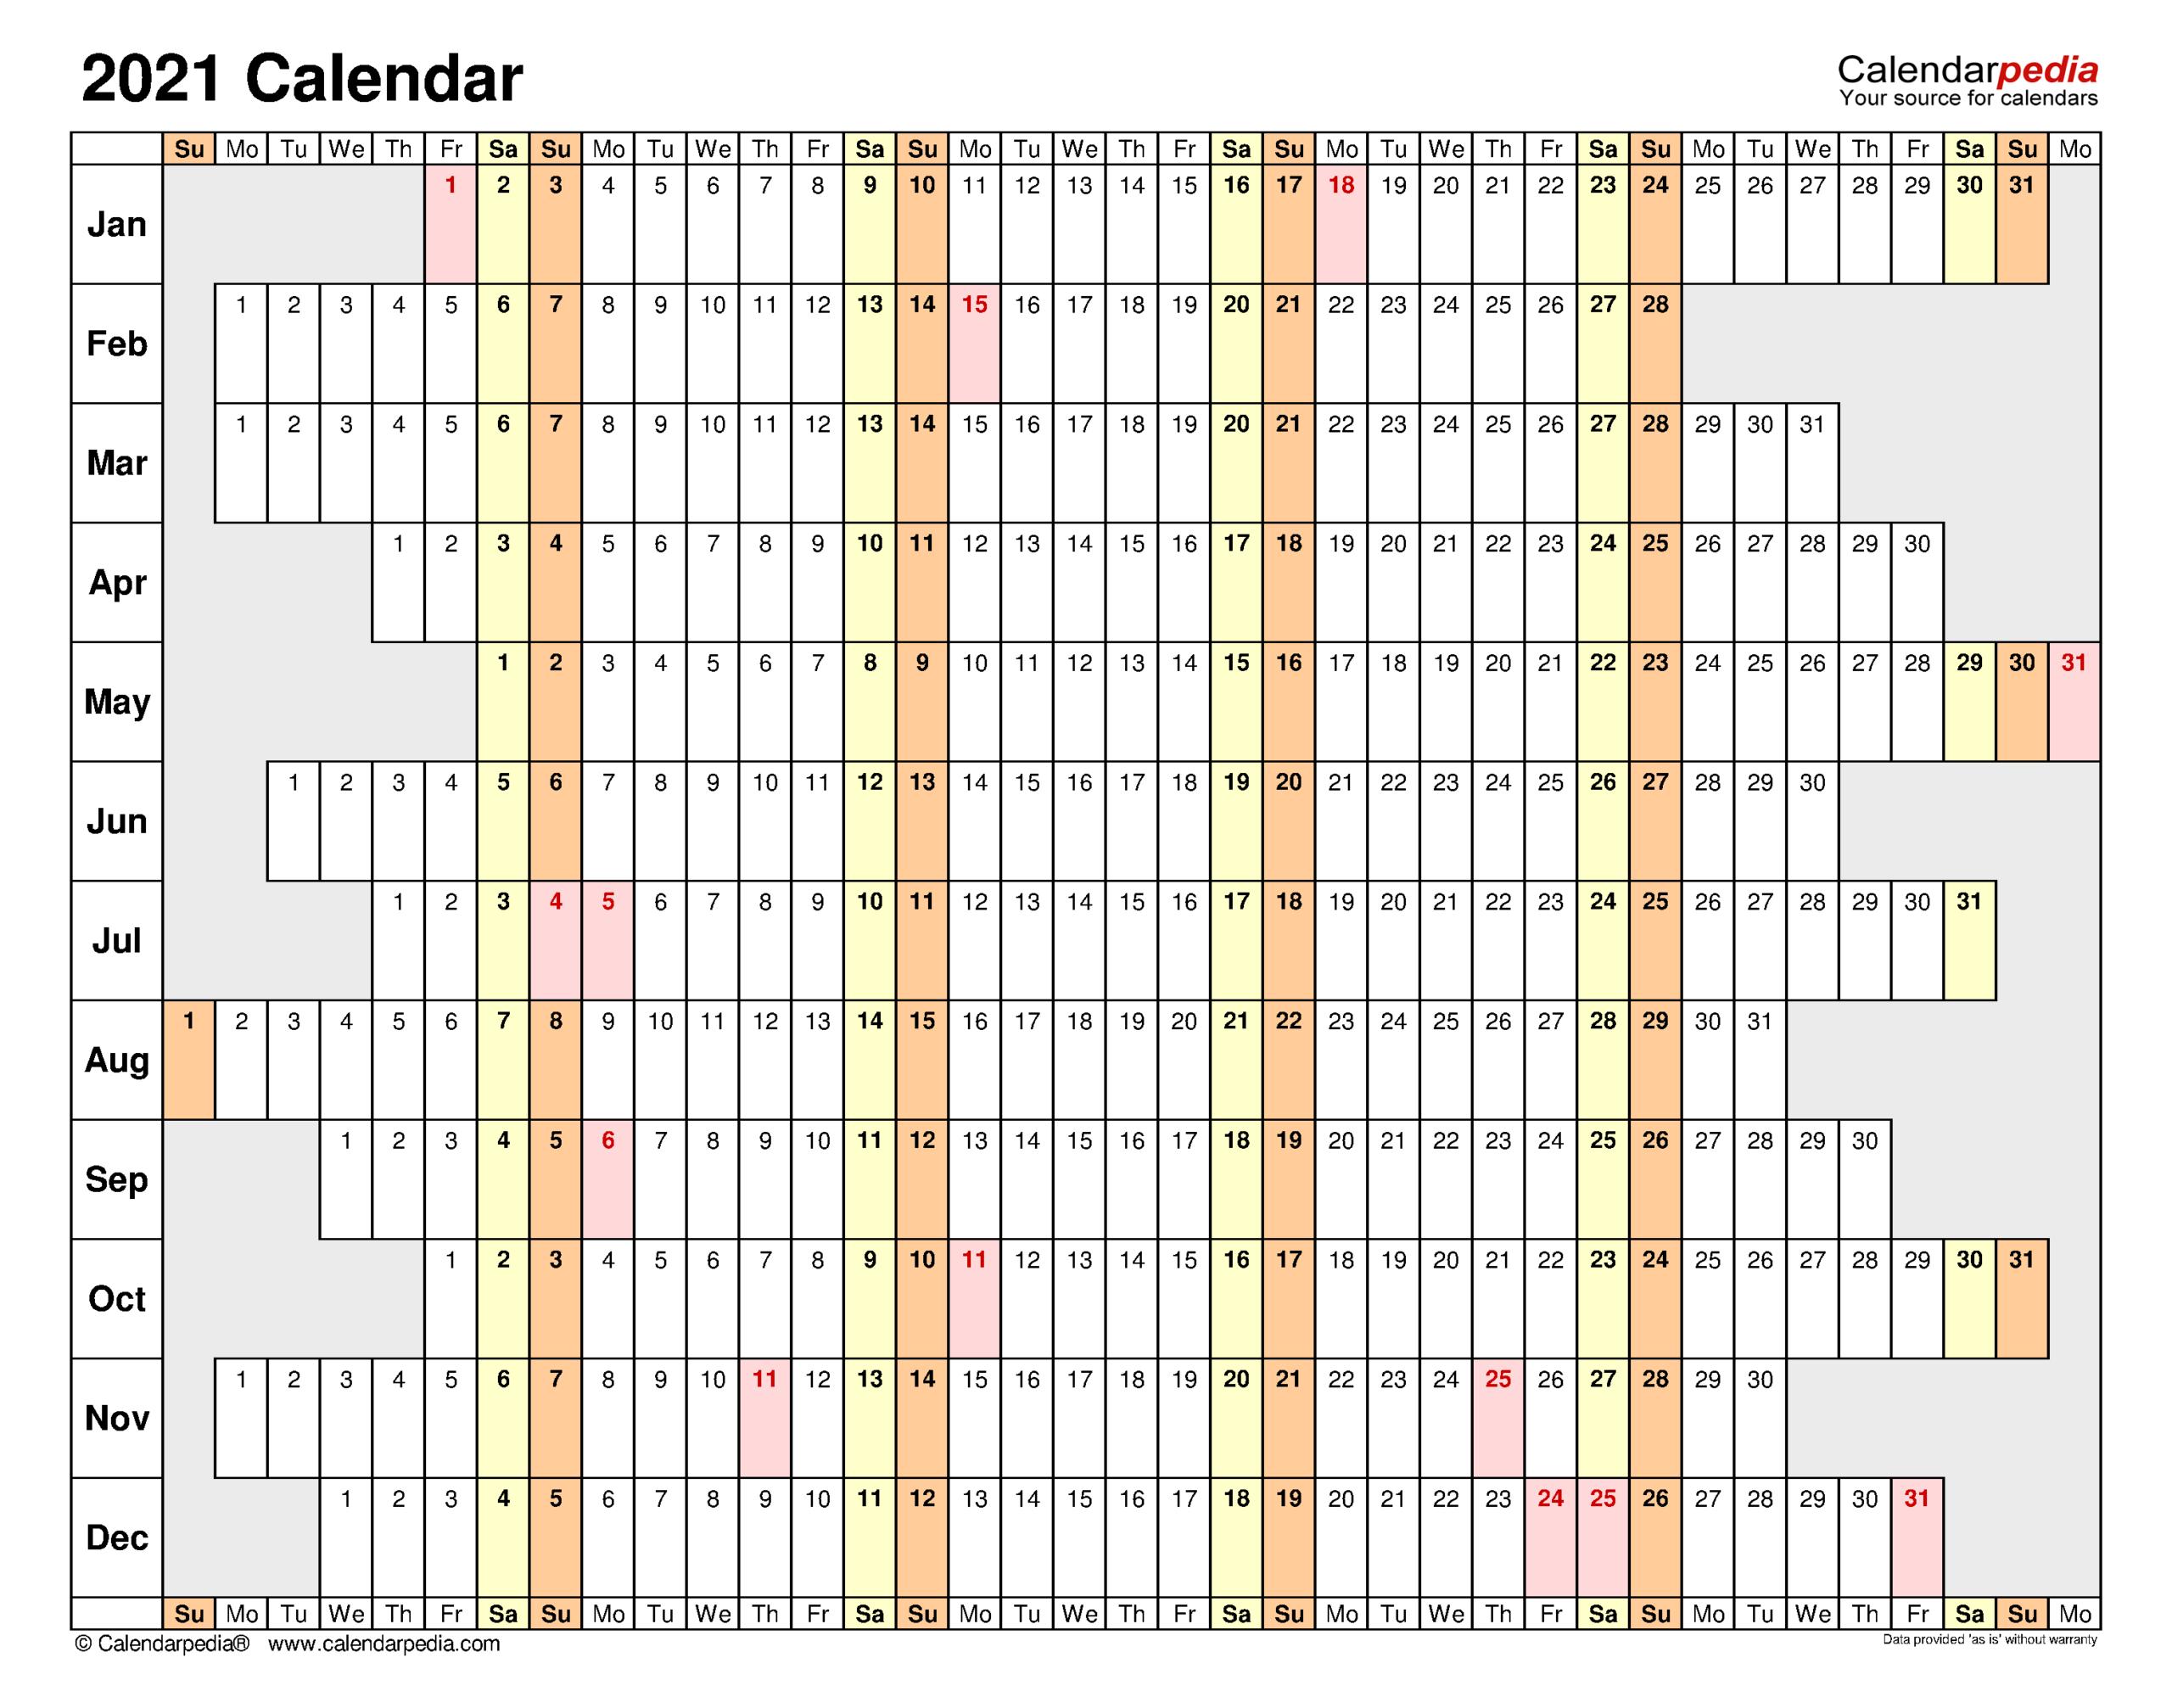 2021 Calendar - Free Printable Excel Templates - Calendarpedia inside 2021 Shift Calendar Free